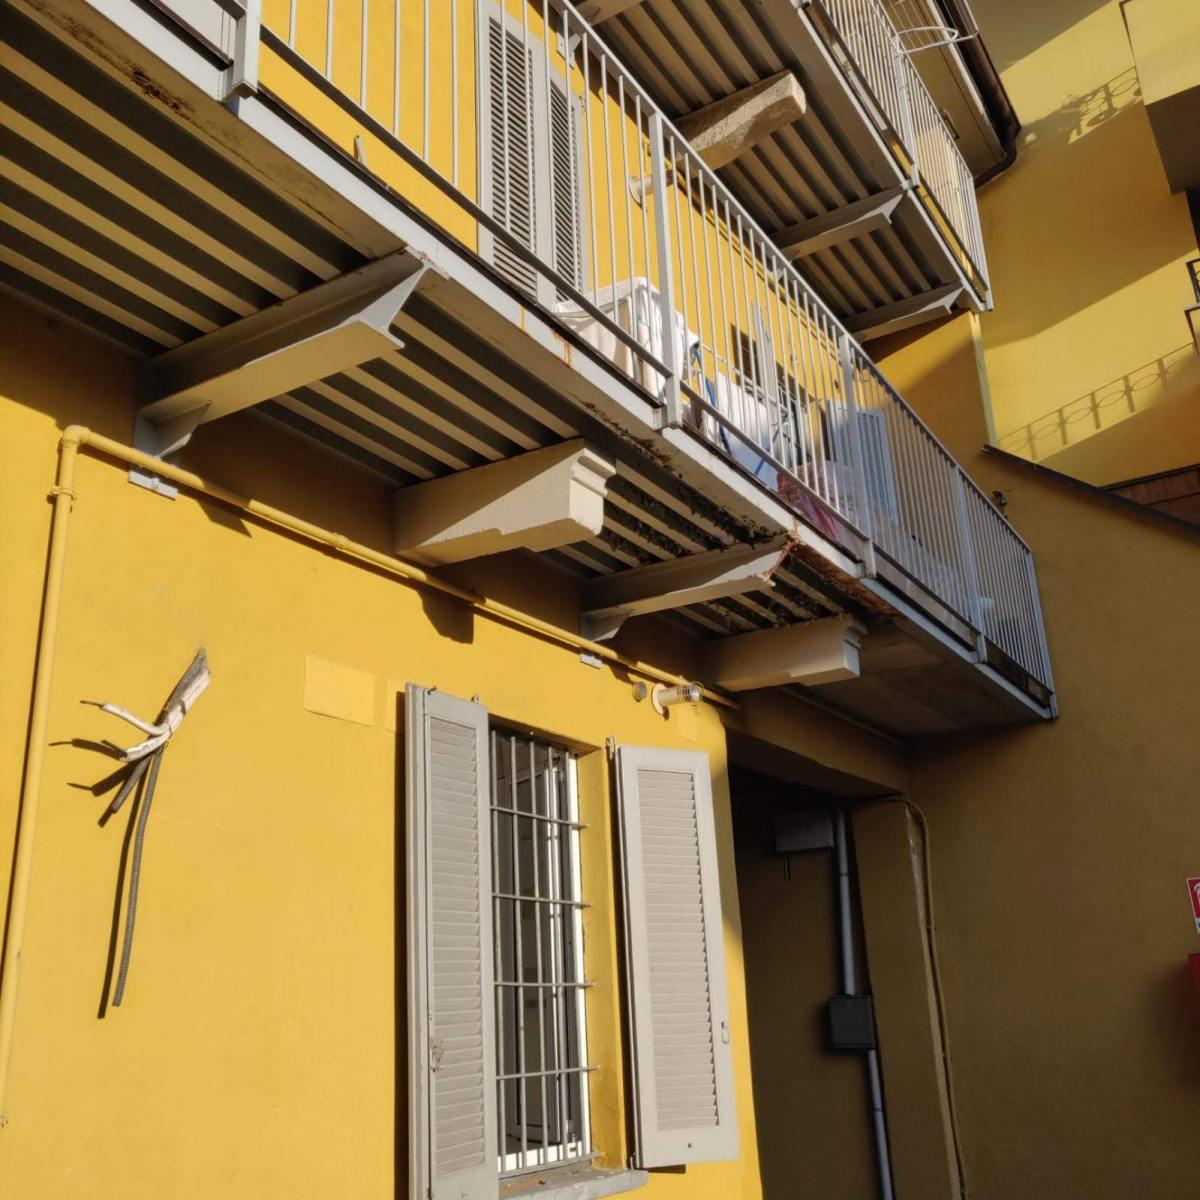 bilocale-via-quinto-romano-milano-baggio-spaziourbano-immobiliare-vende-2-locali-7